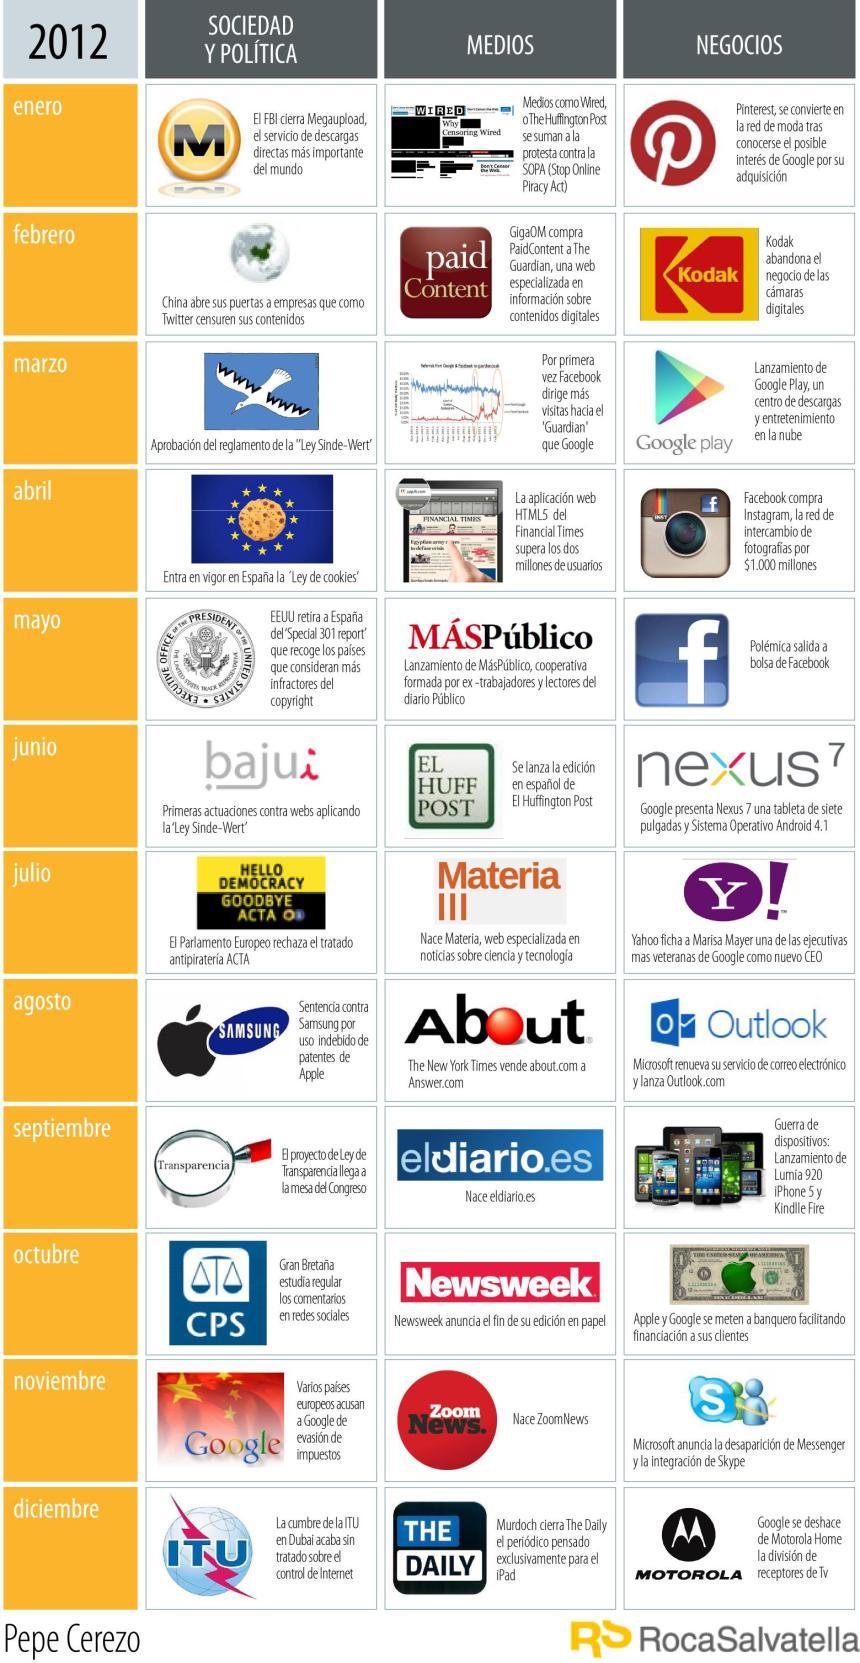 2012: Empresas, Medios y Sociedad. Resumen visual